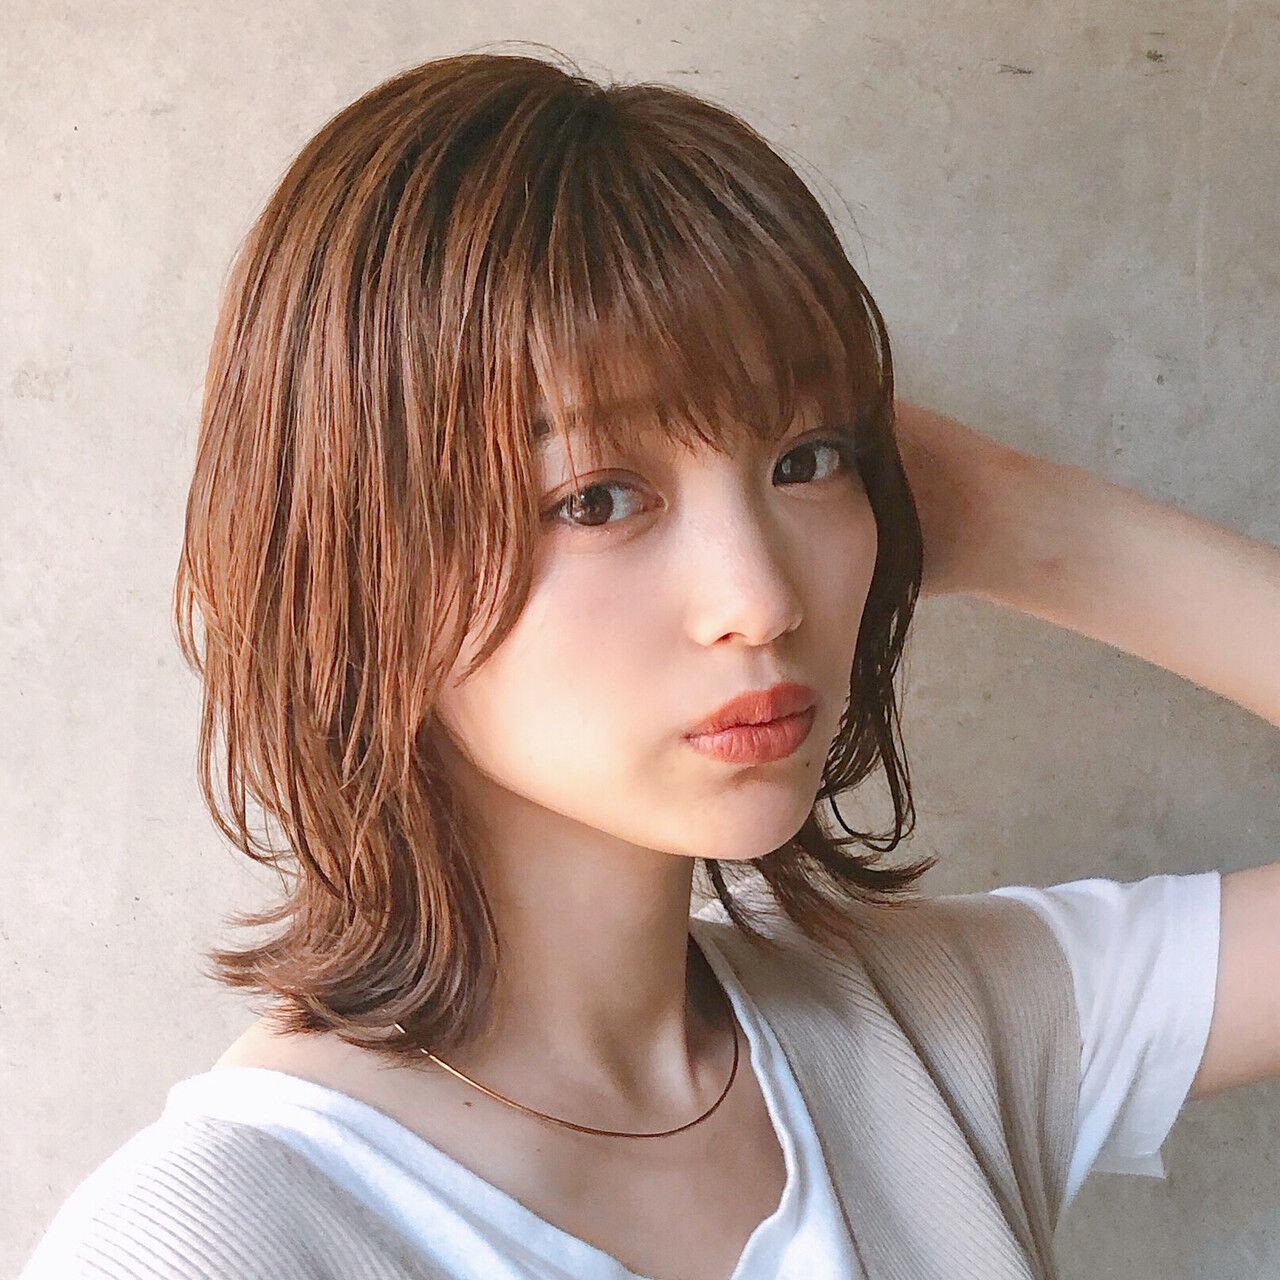 アンニュイほつれヘア デート ヘアアレンジ ミディアムヘアスタイルや髪型の写真・画像